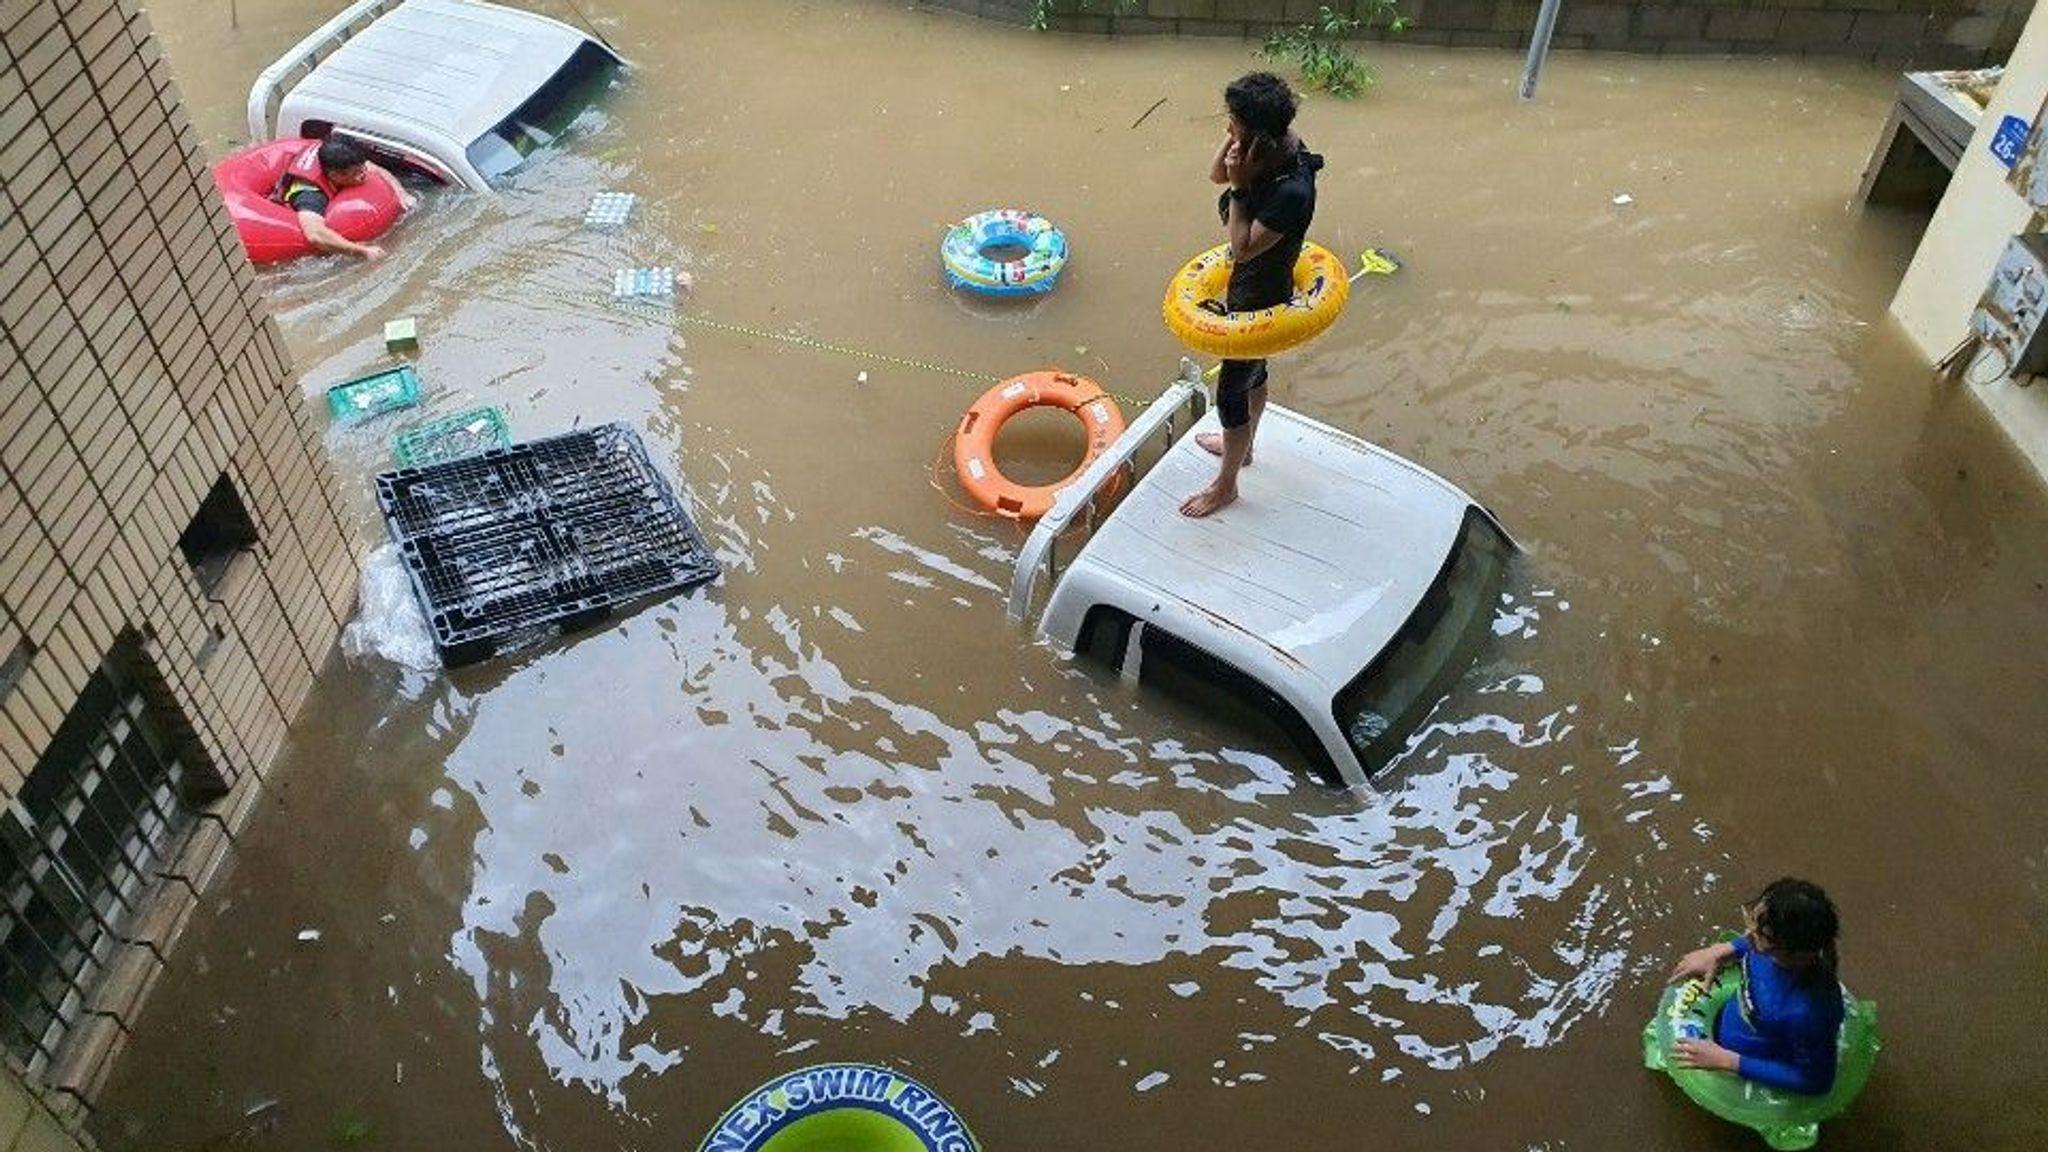 Hàn Quốc cần một quĩ khẩn cấp để khắc phục thiệt hại do mưa lớn - Ảnh 1.